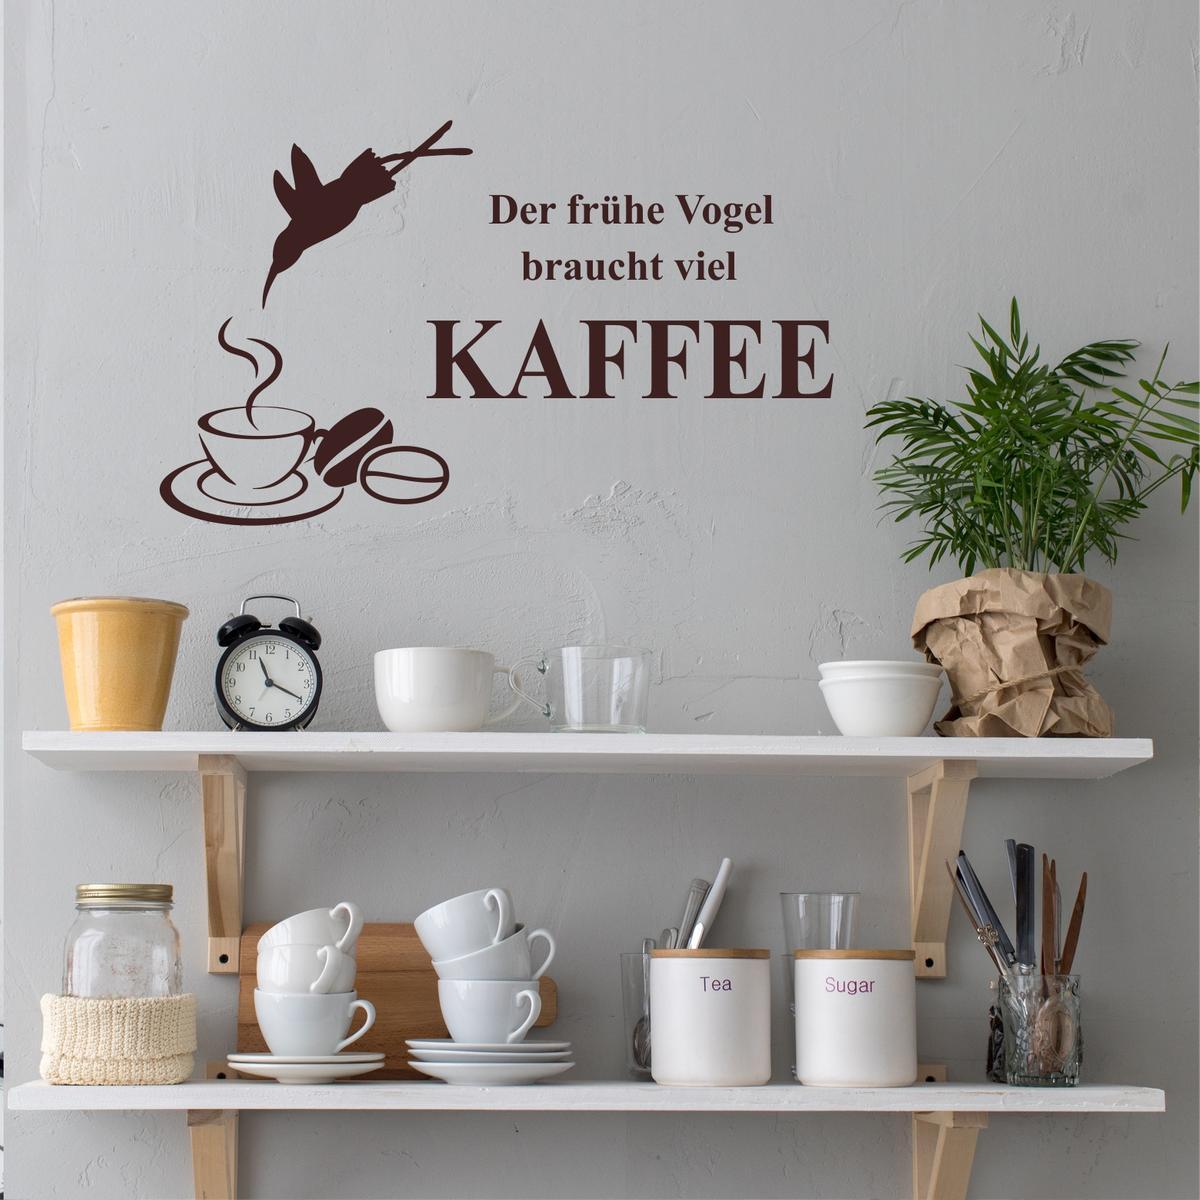 Einzigartig Wandtattoo Gräser Ideen Von Der Frühe Vogel Braucht Viel Kaffee